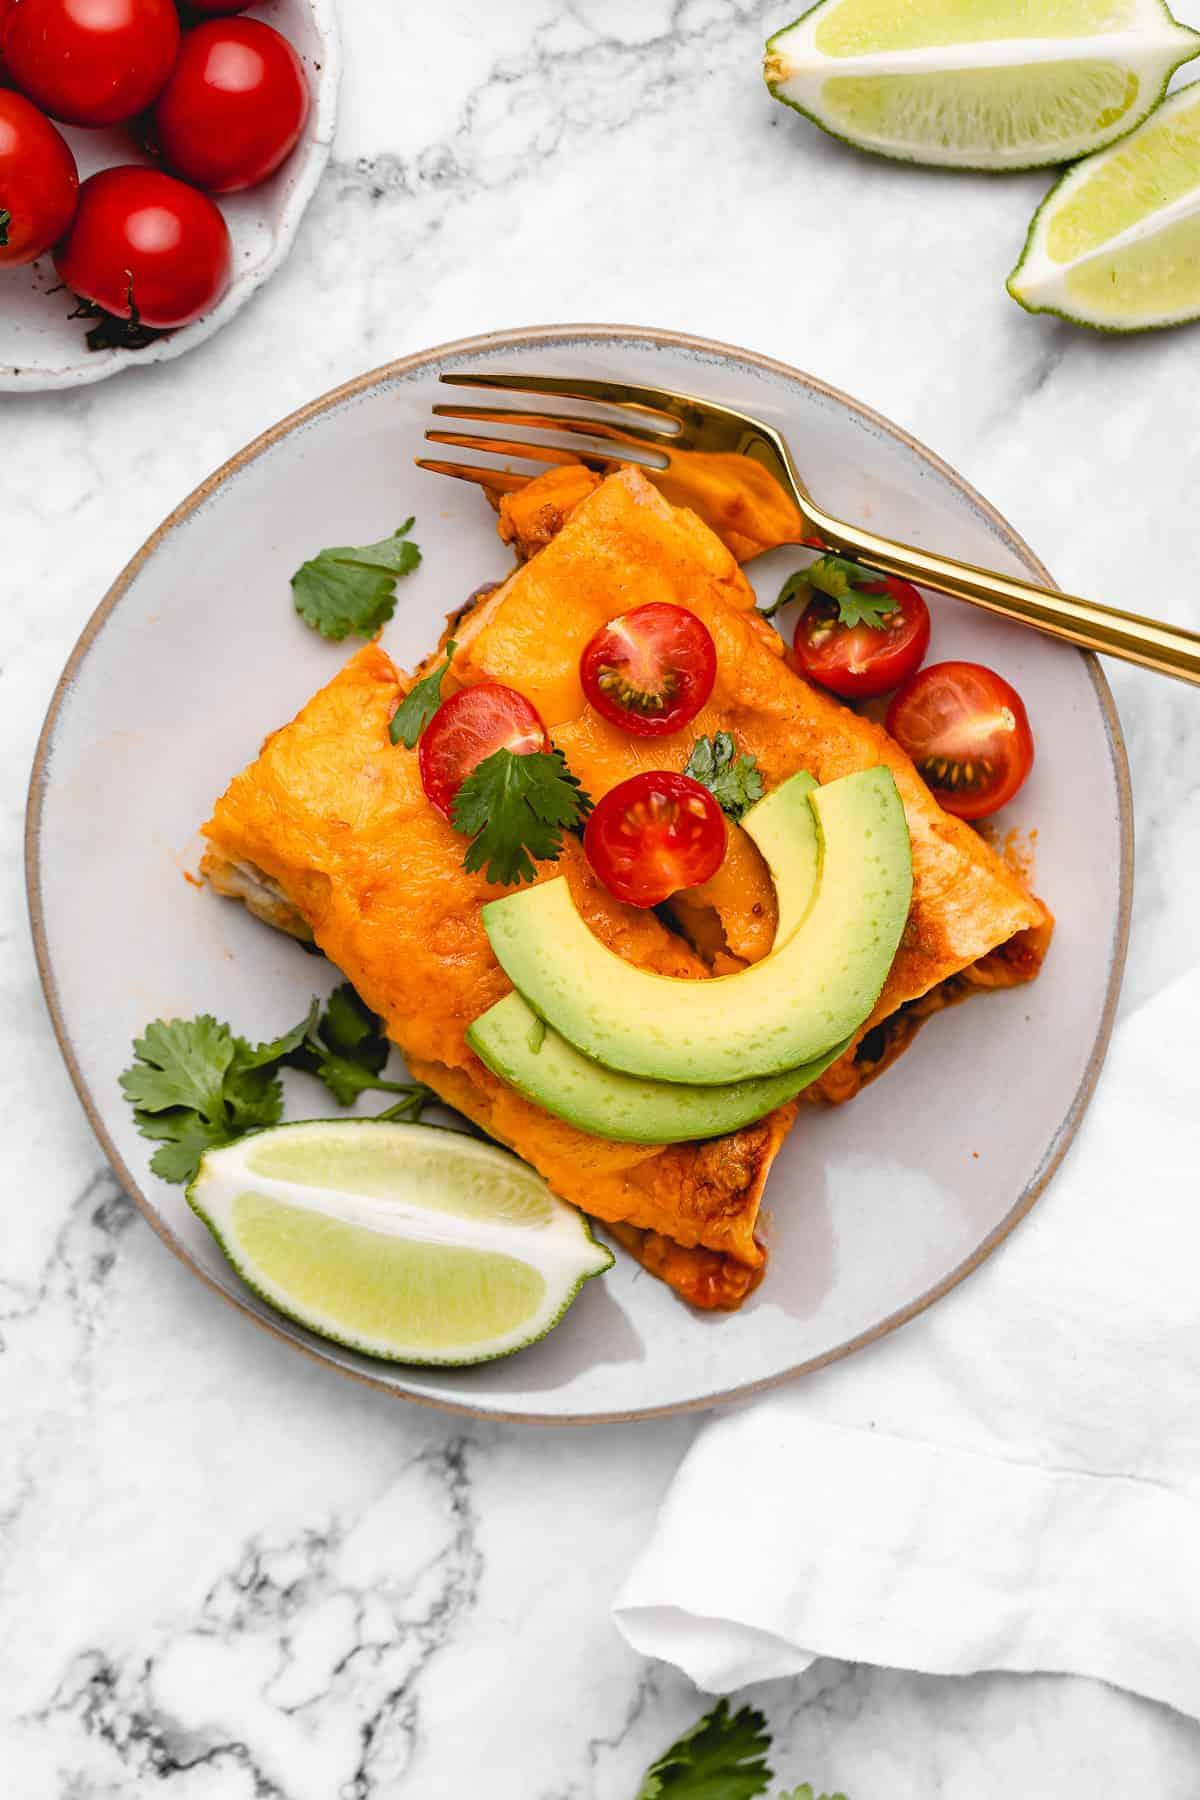 Plate of vegan enchiladas with avocado slices.